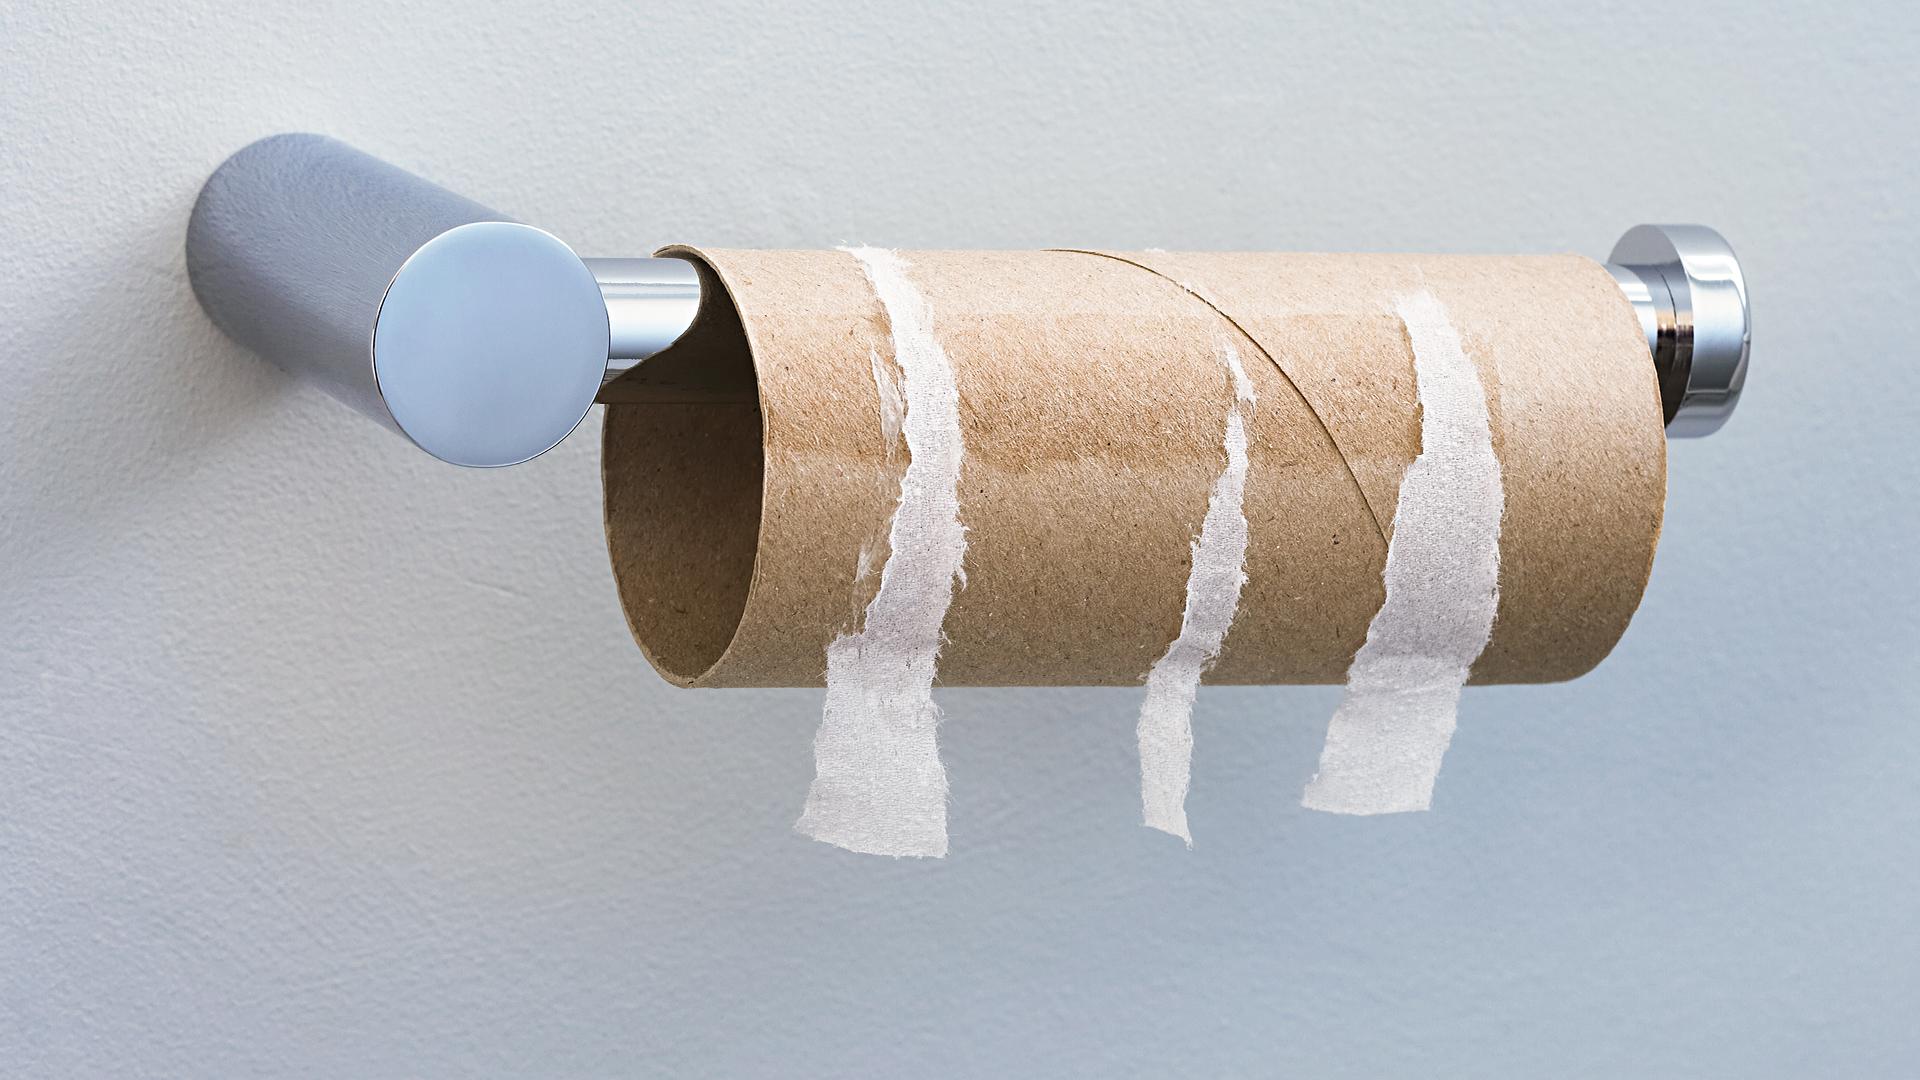 Es posible la escasez de papel higiénico en medio de la crisis de los contenedores de envío, informan los proveedores   WFLA